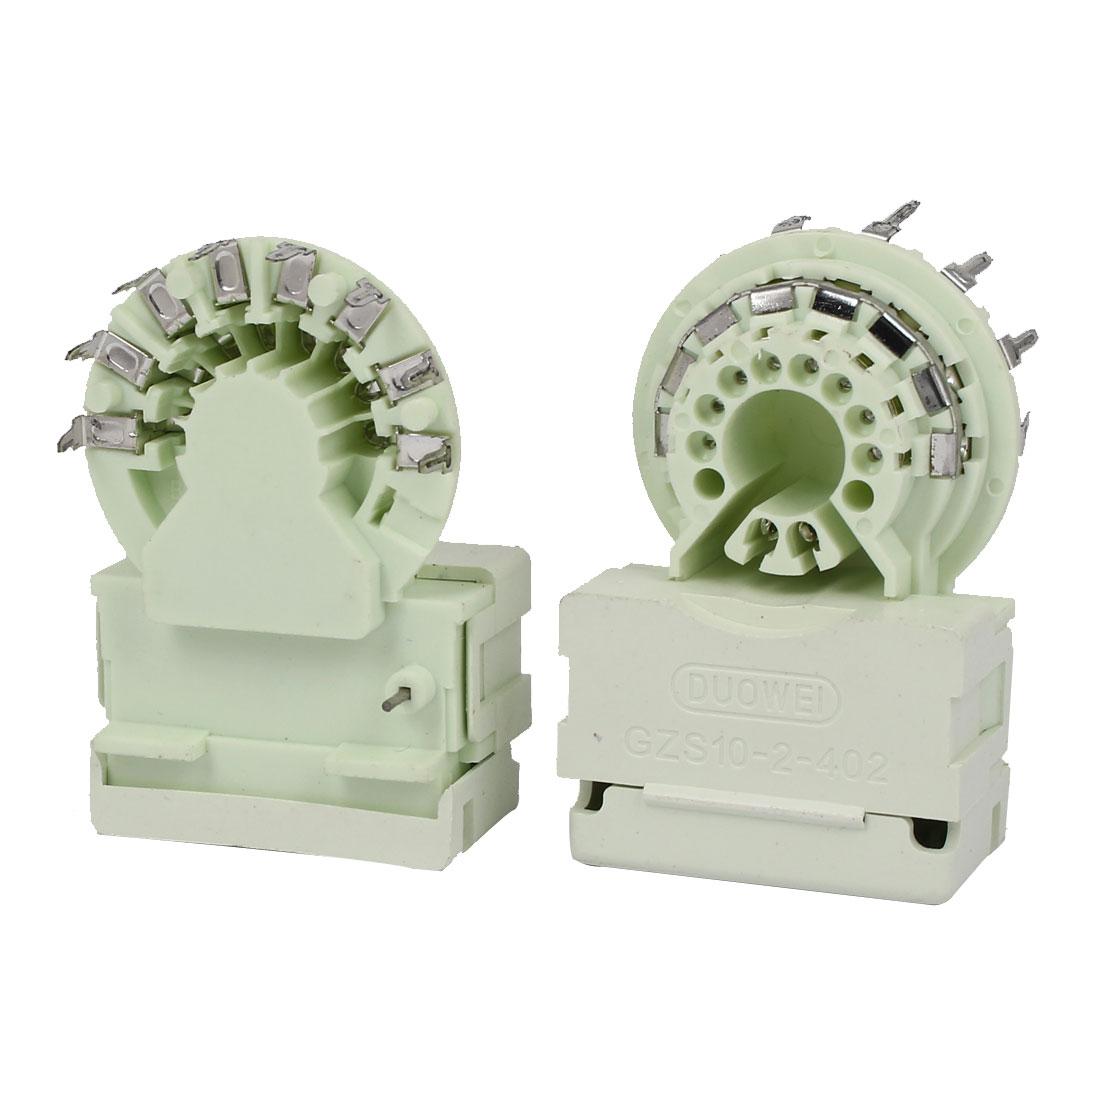 GZS10-2-402 Monitors Color TV PCB Mount 8 Pins Twin Focus CRT Socket 2pcs